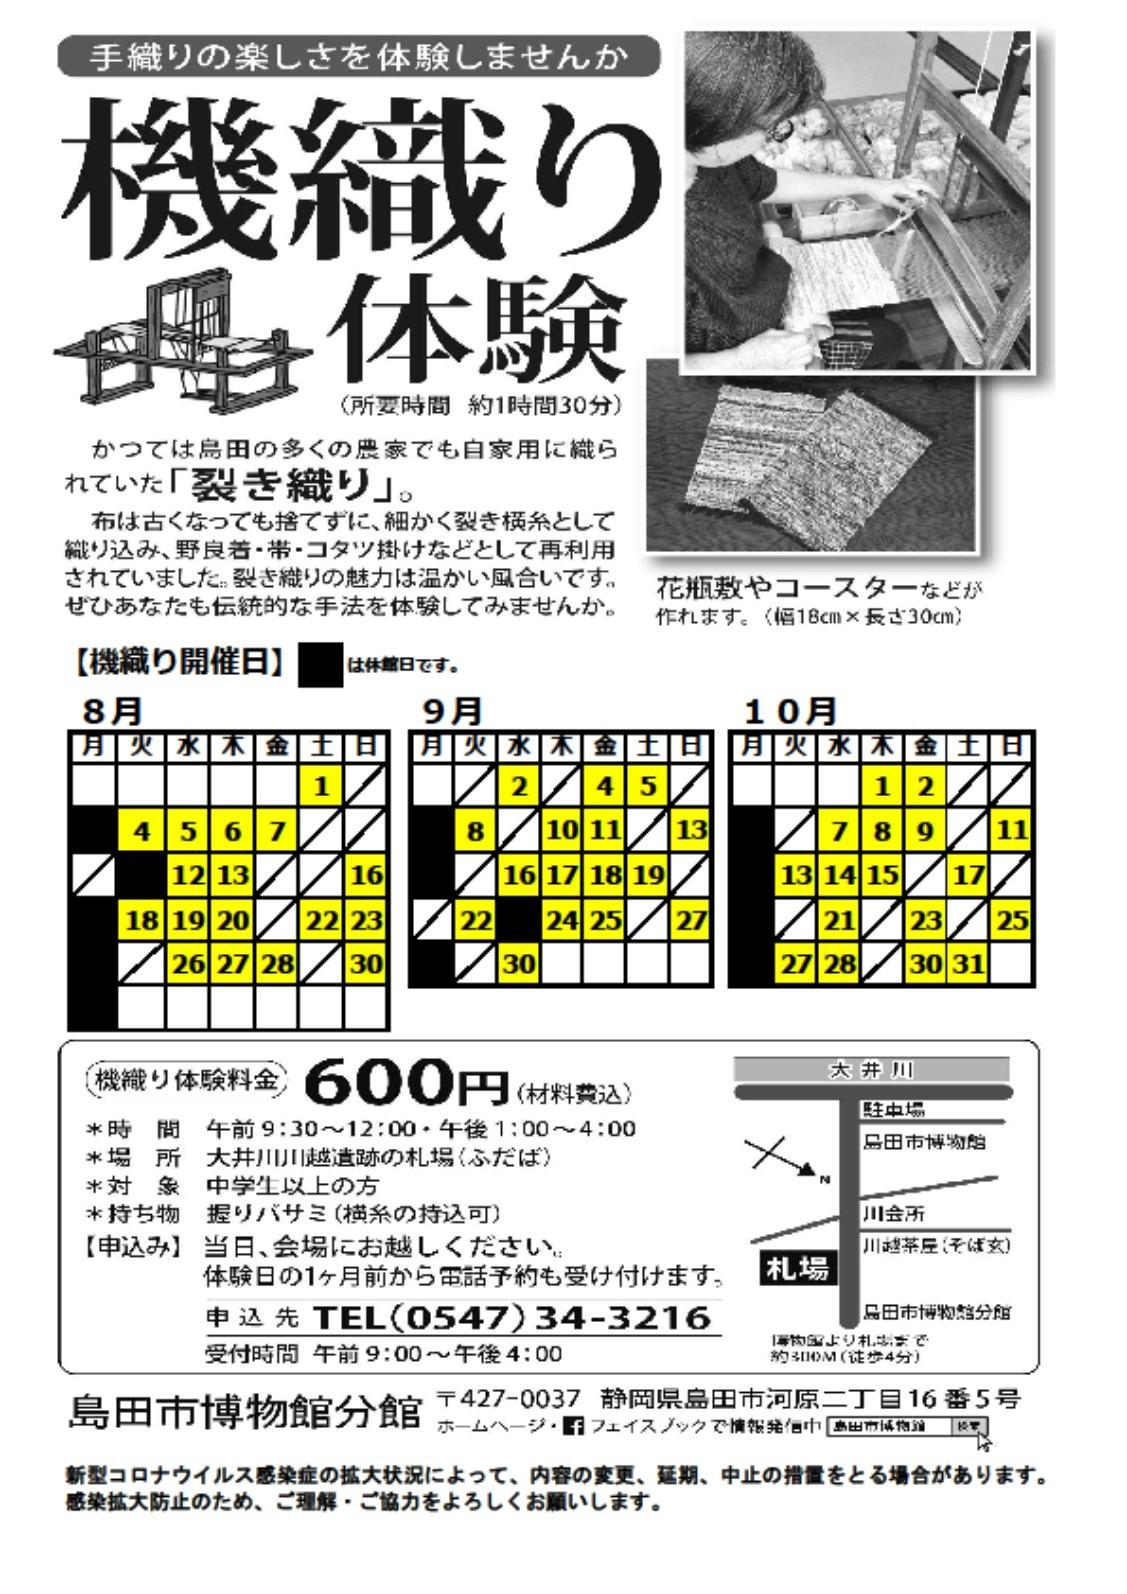 hataori_202008_10